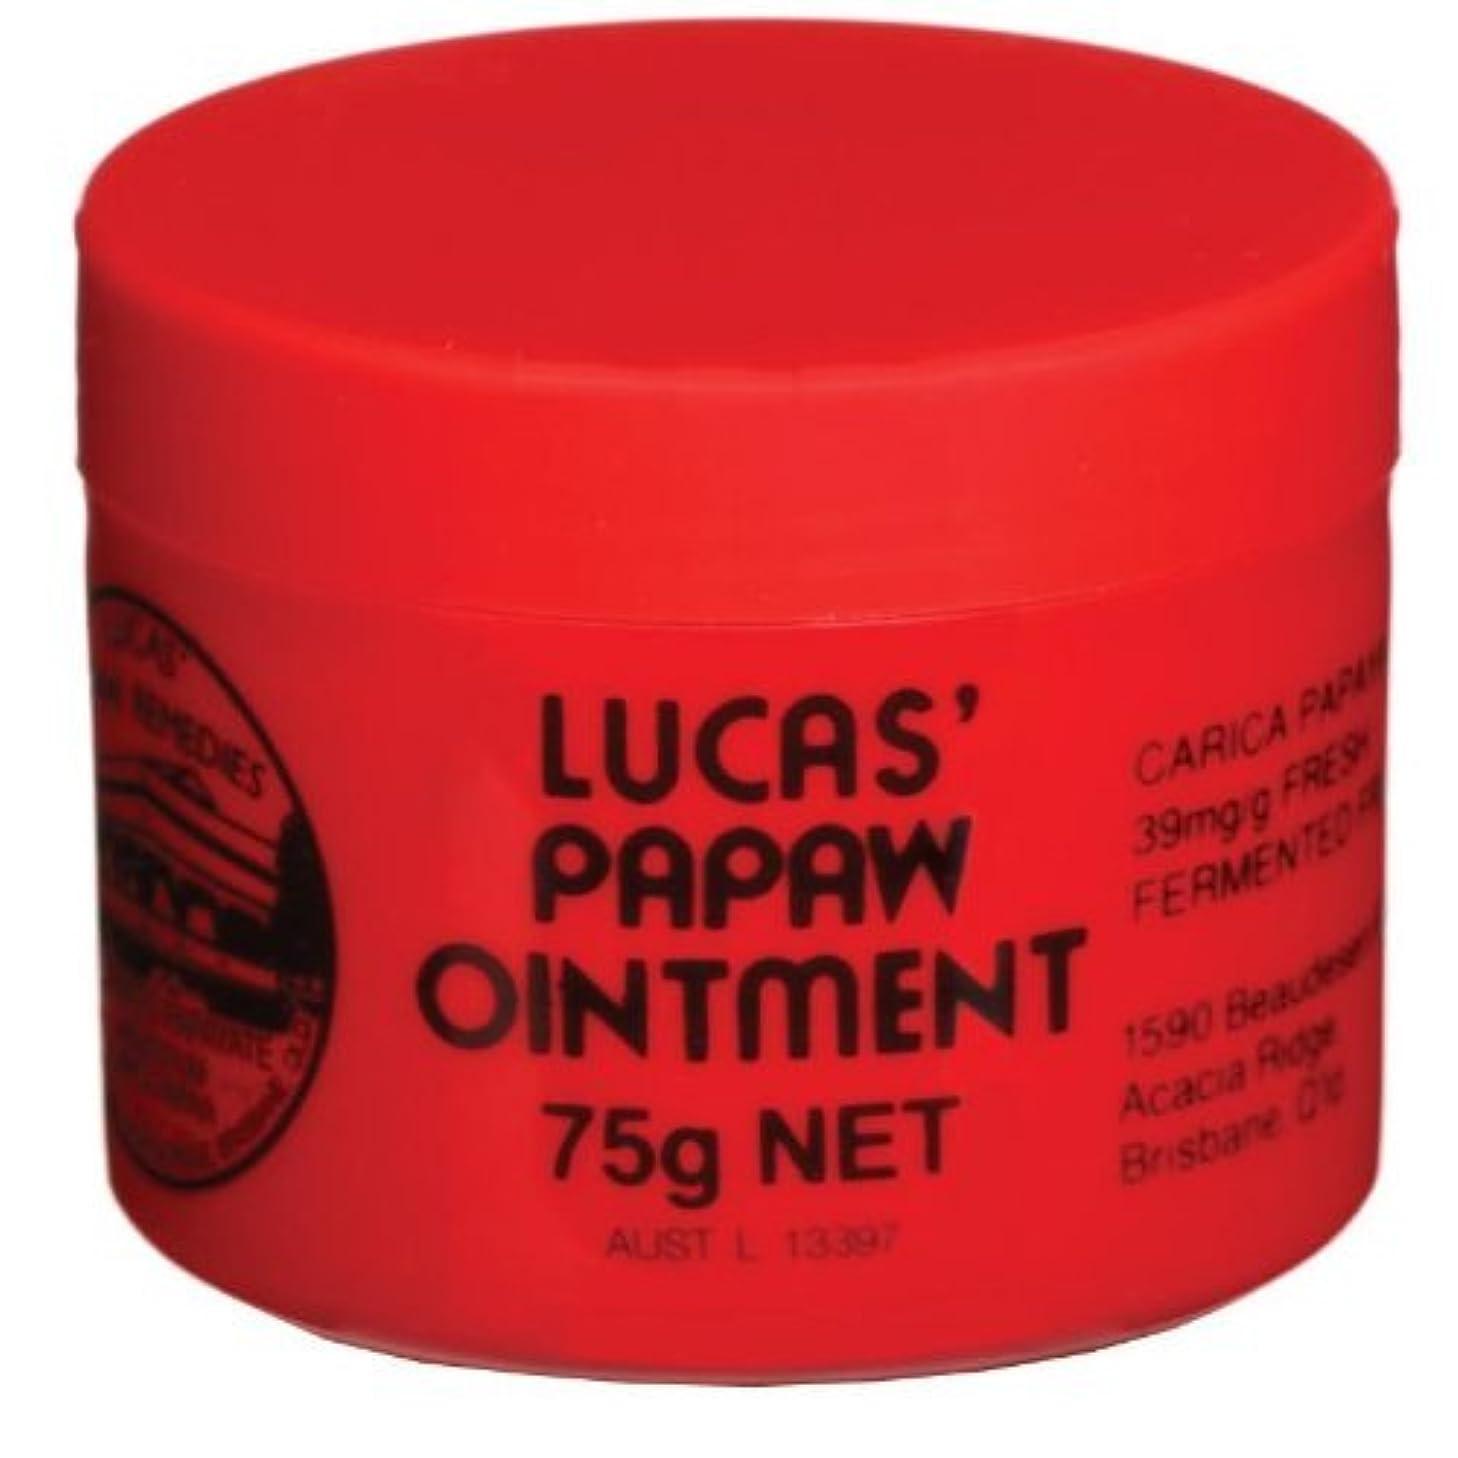 染料コロニー思春期の[Lucas' Papaw Ointment] ルーカスポーポークリーム 75g